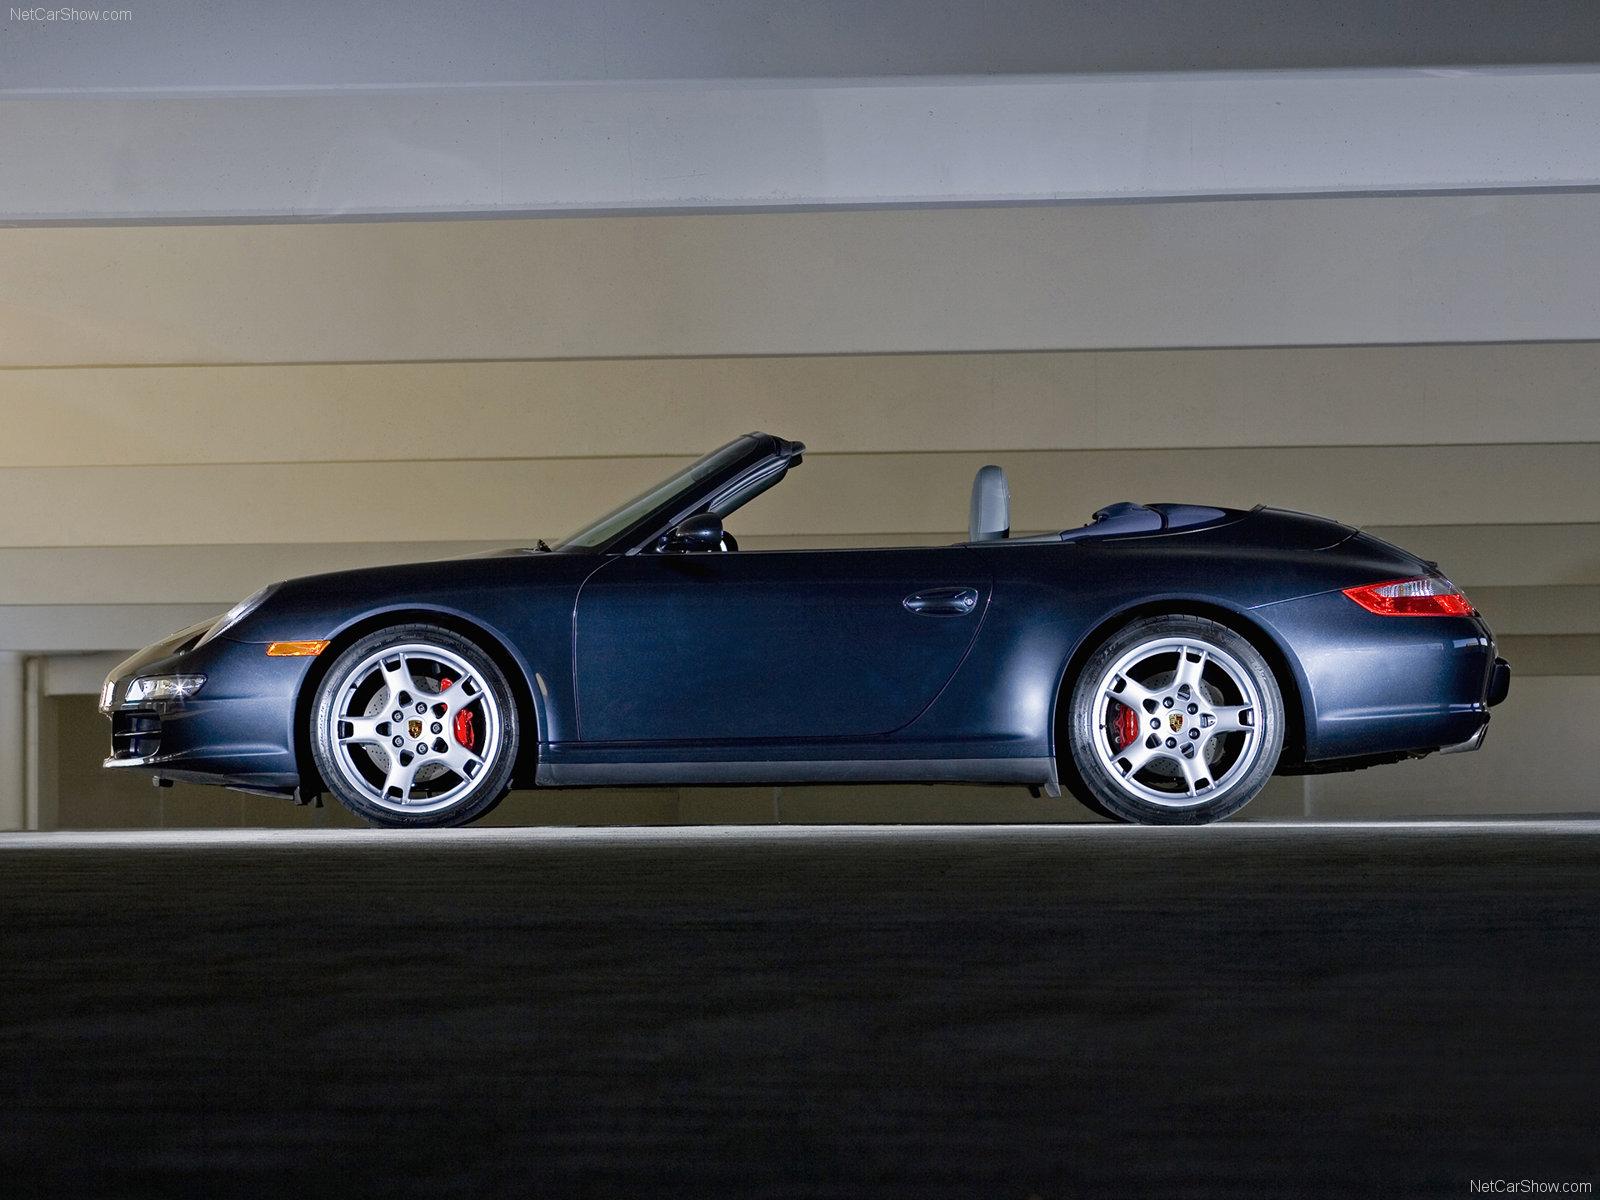 911 Carrera Gts >> 2007 Black Porsche 911 Carrera 4S Cabriolet wallpapers